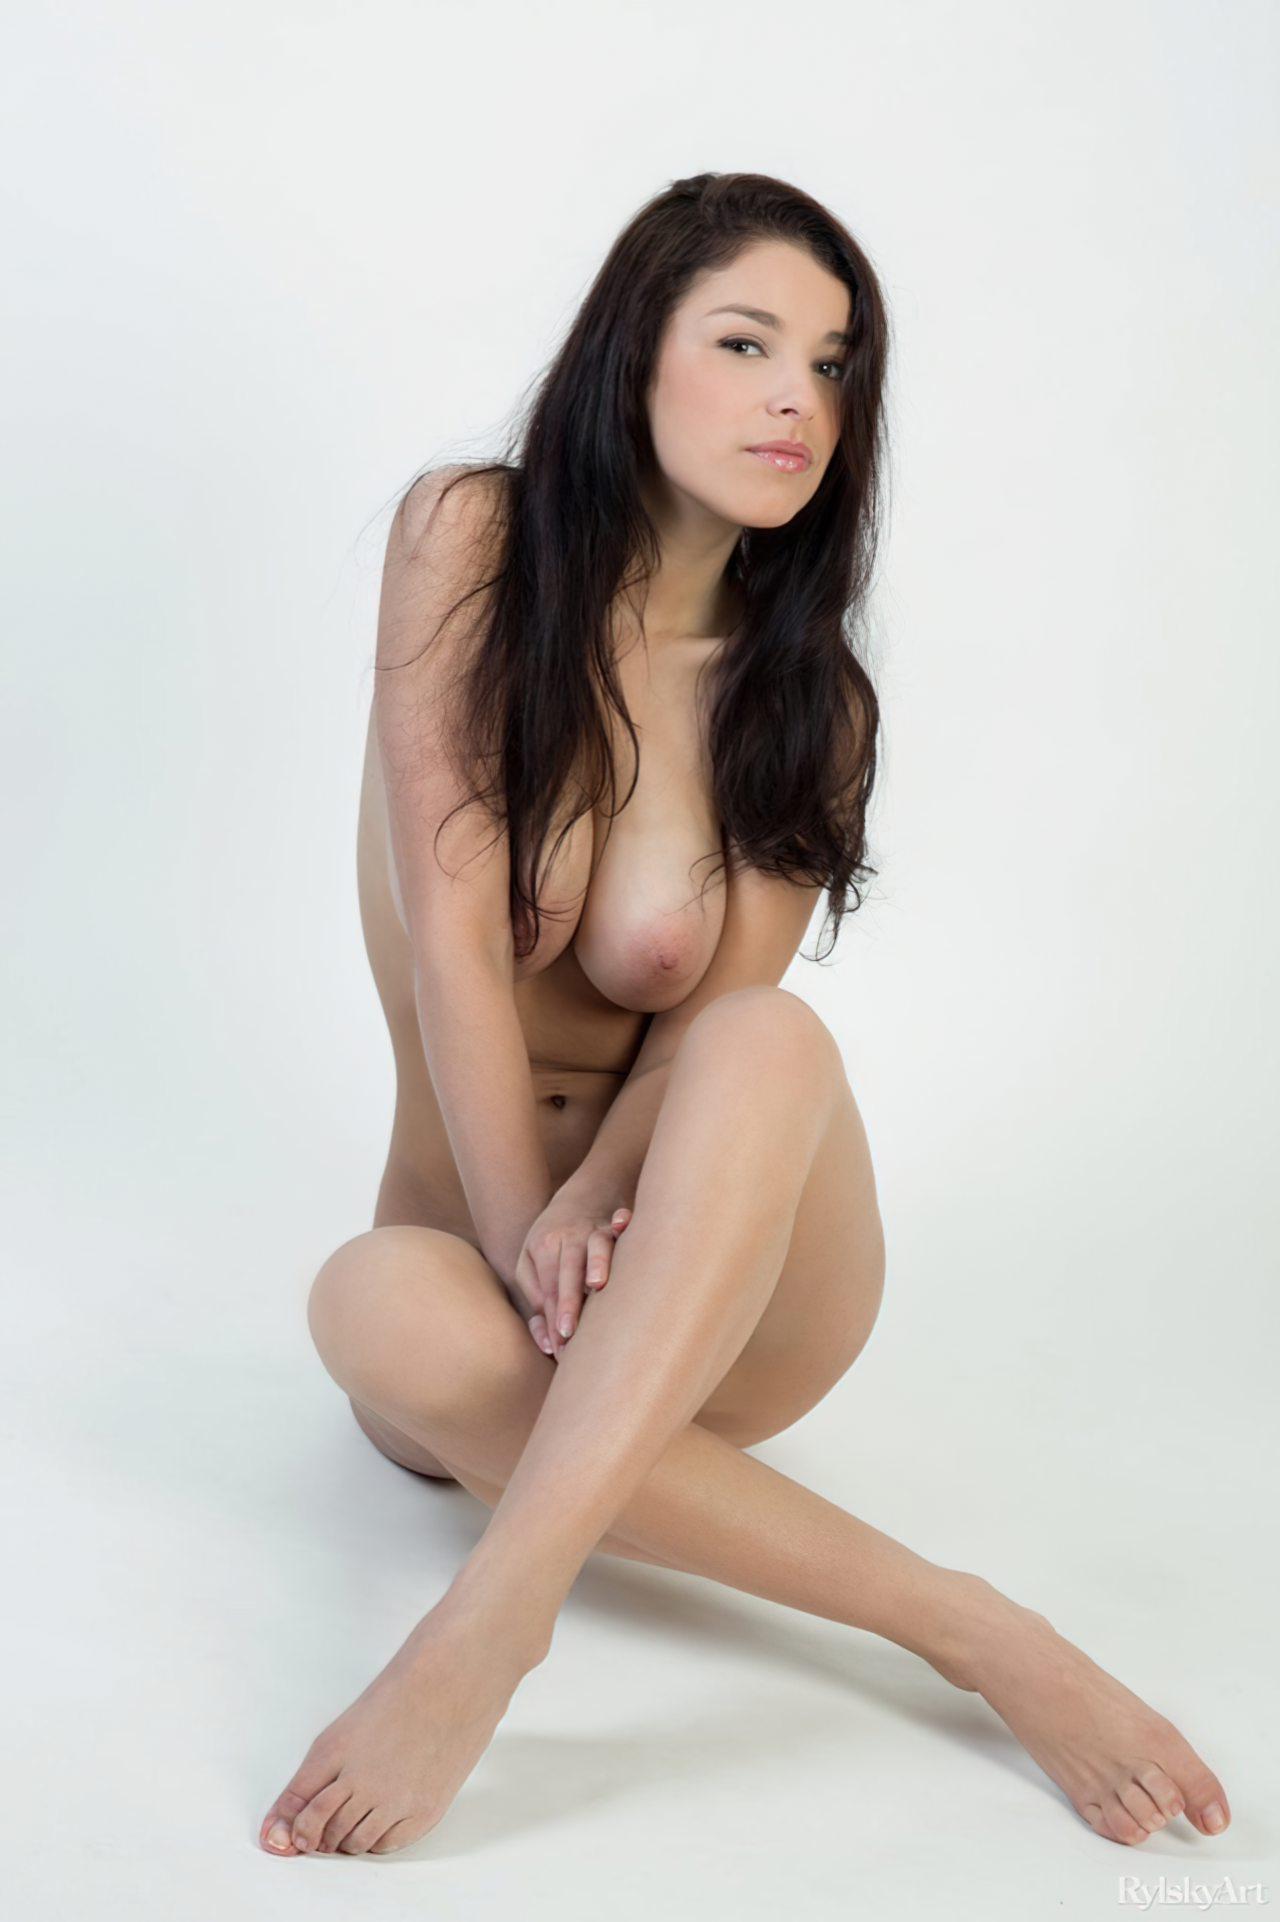 Mulher Linda Corpo Natural (4)